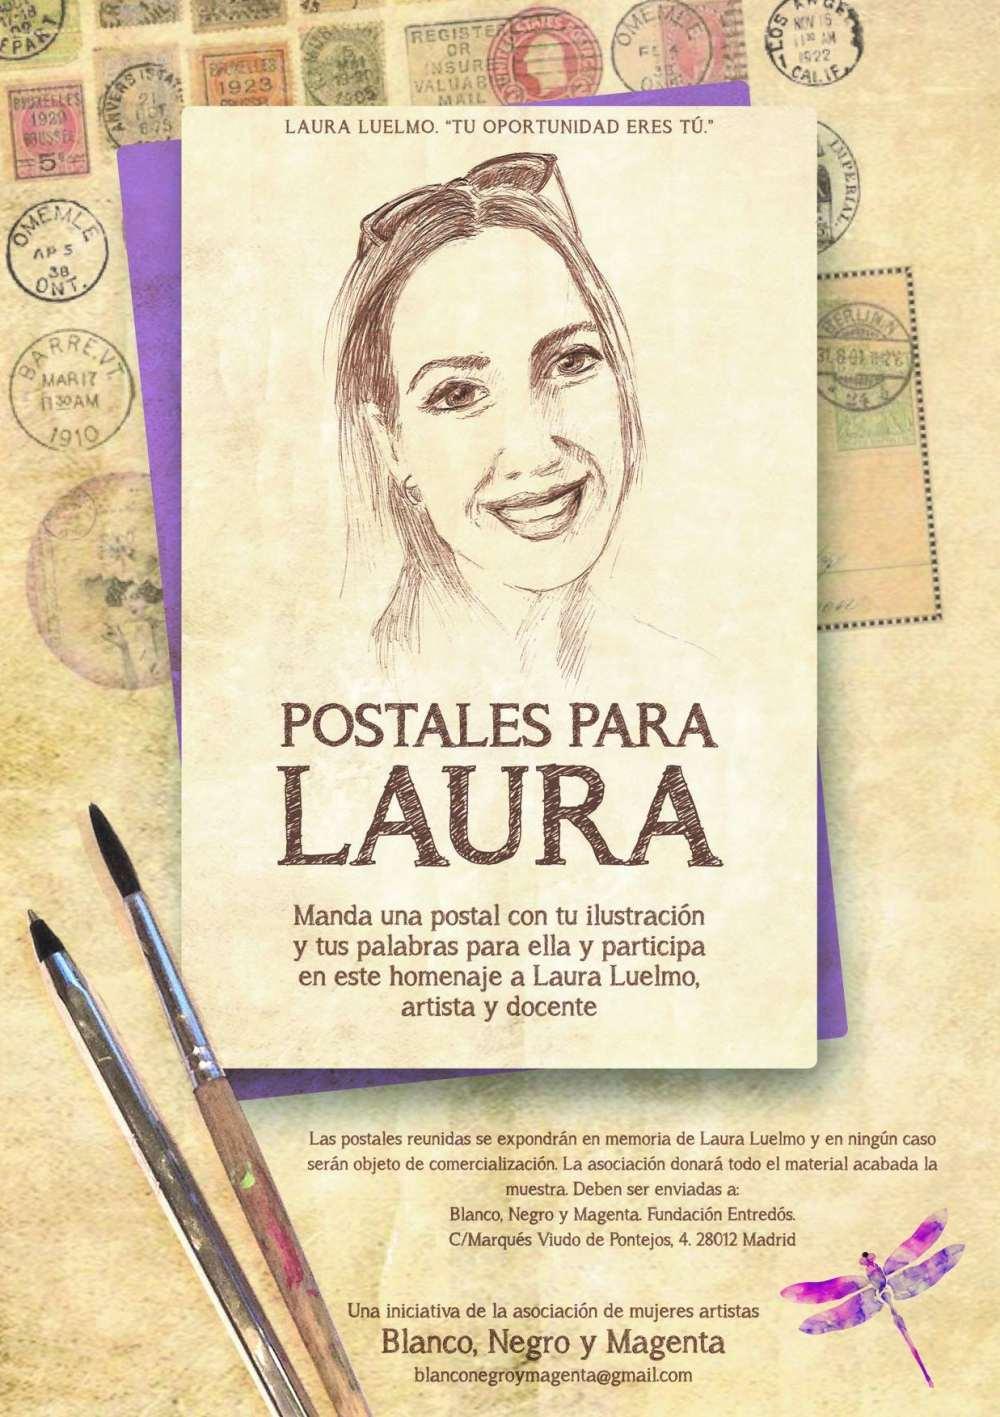 © Concha Mayordomo | Dora Román | Mujeres Mirando Mujeres | MmiraM19